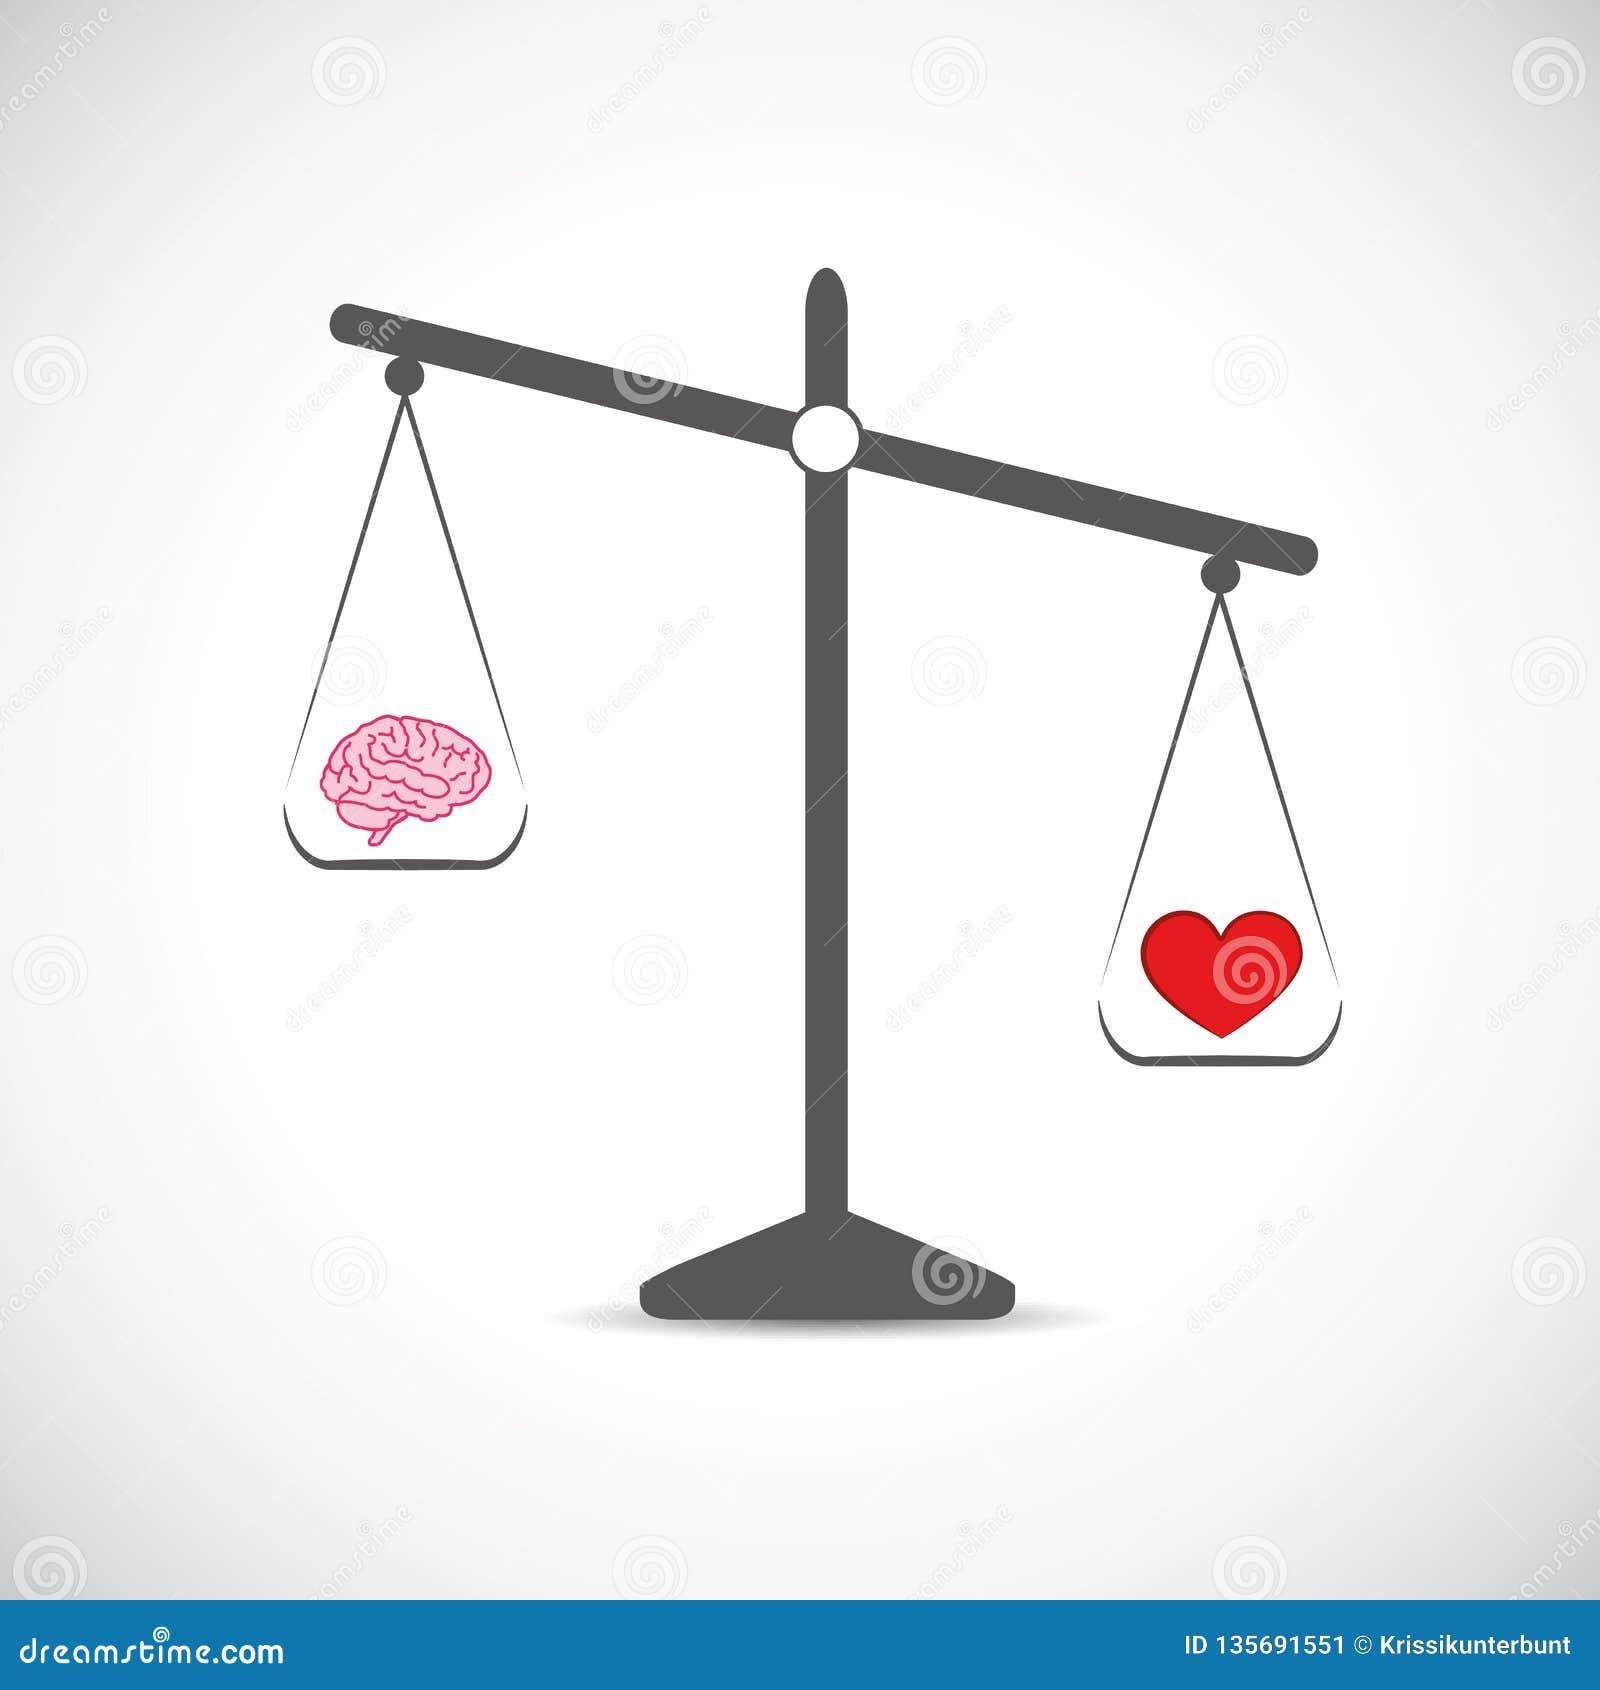 Cerebro y hogar rojo en equilibrio